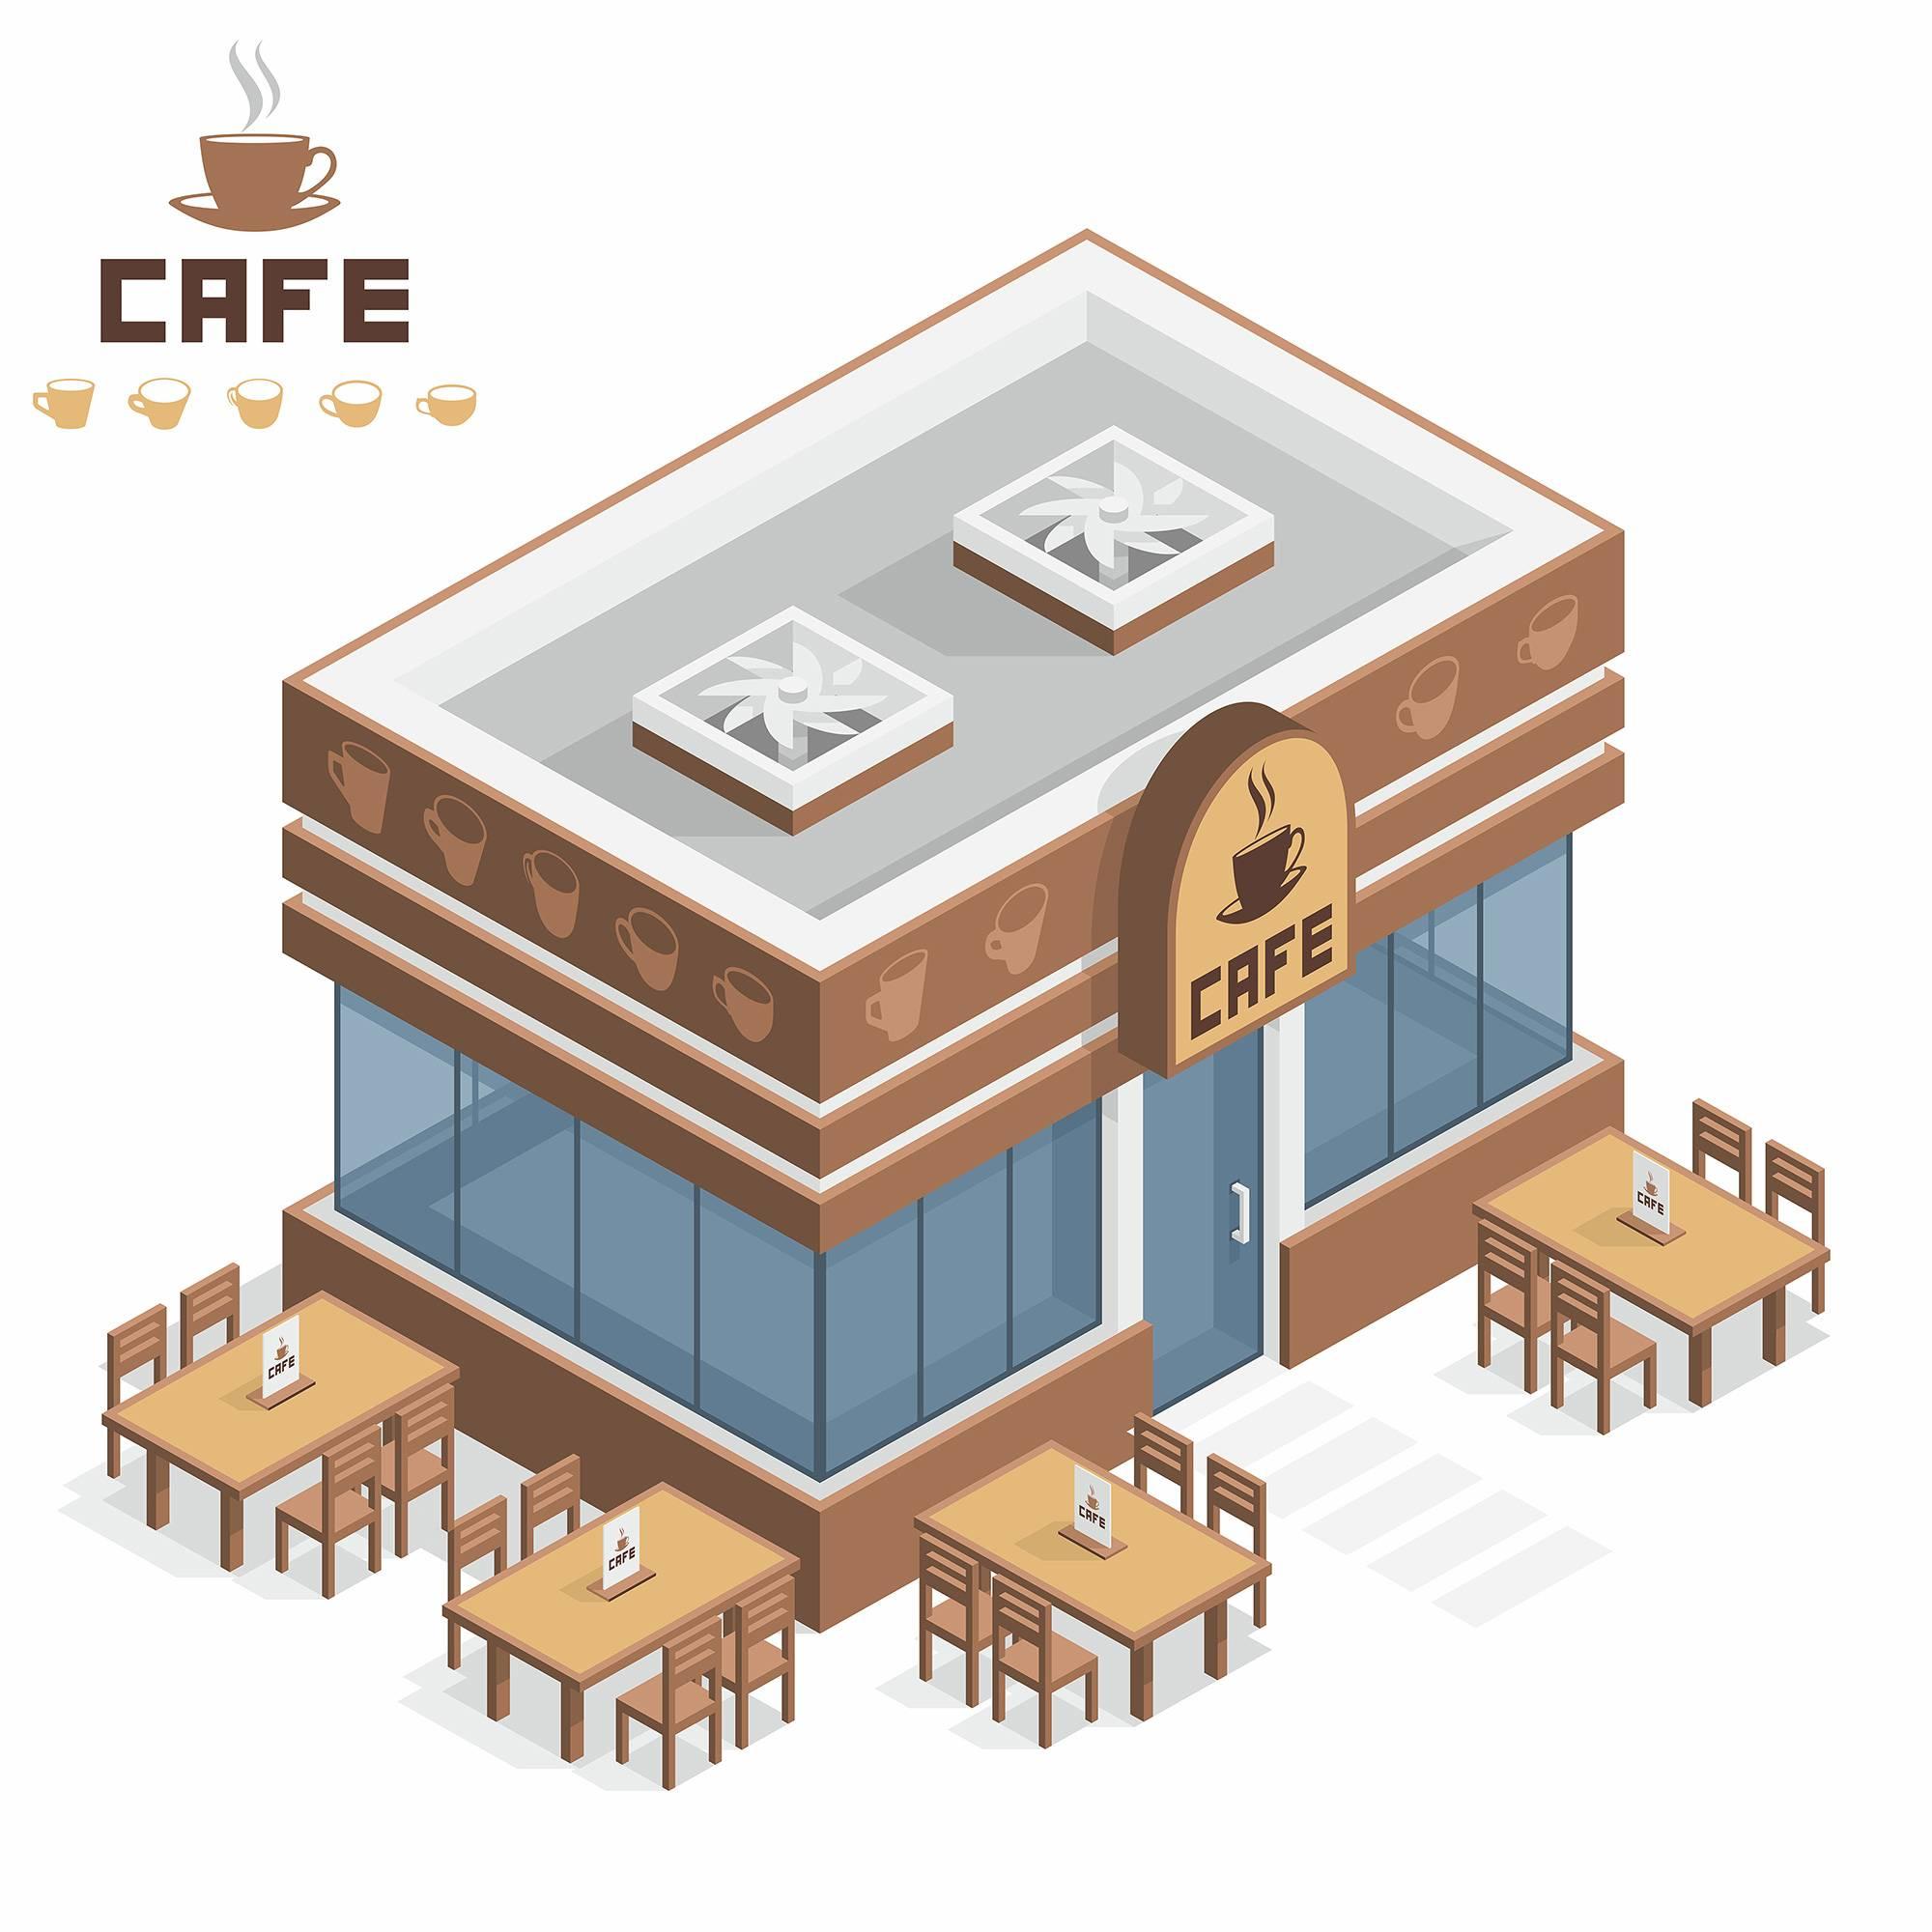 咖啡厅3D扁平化创意设计